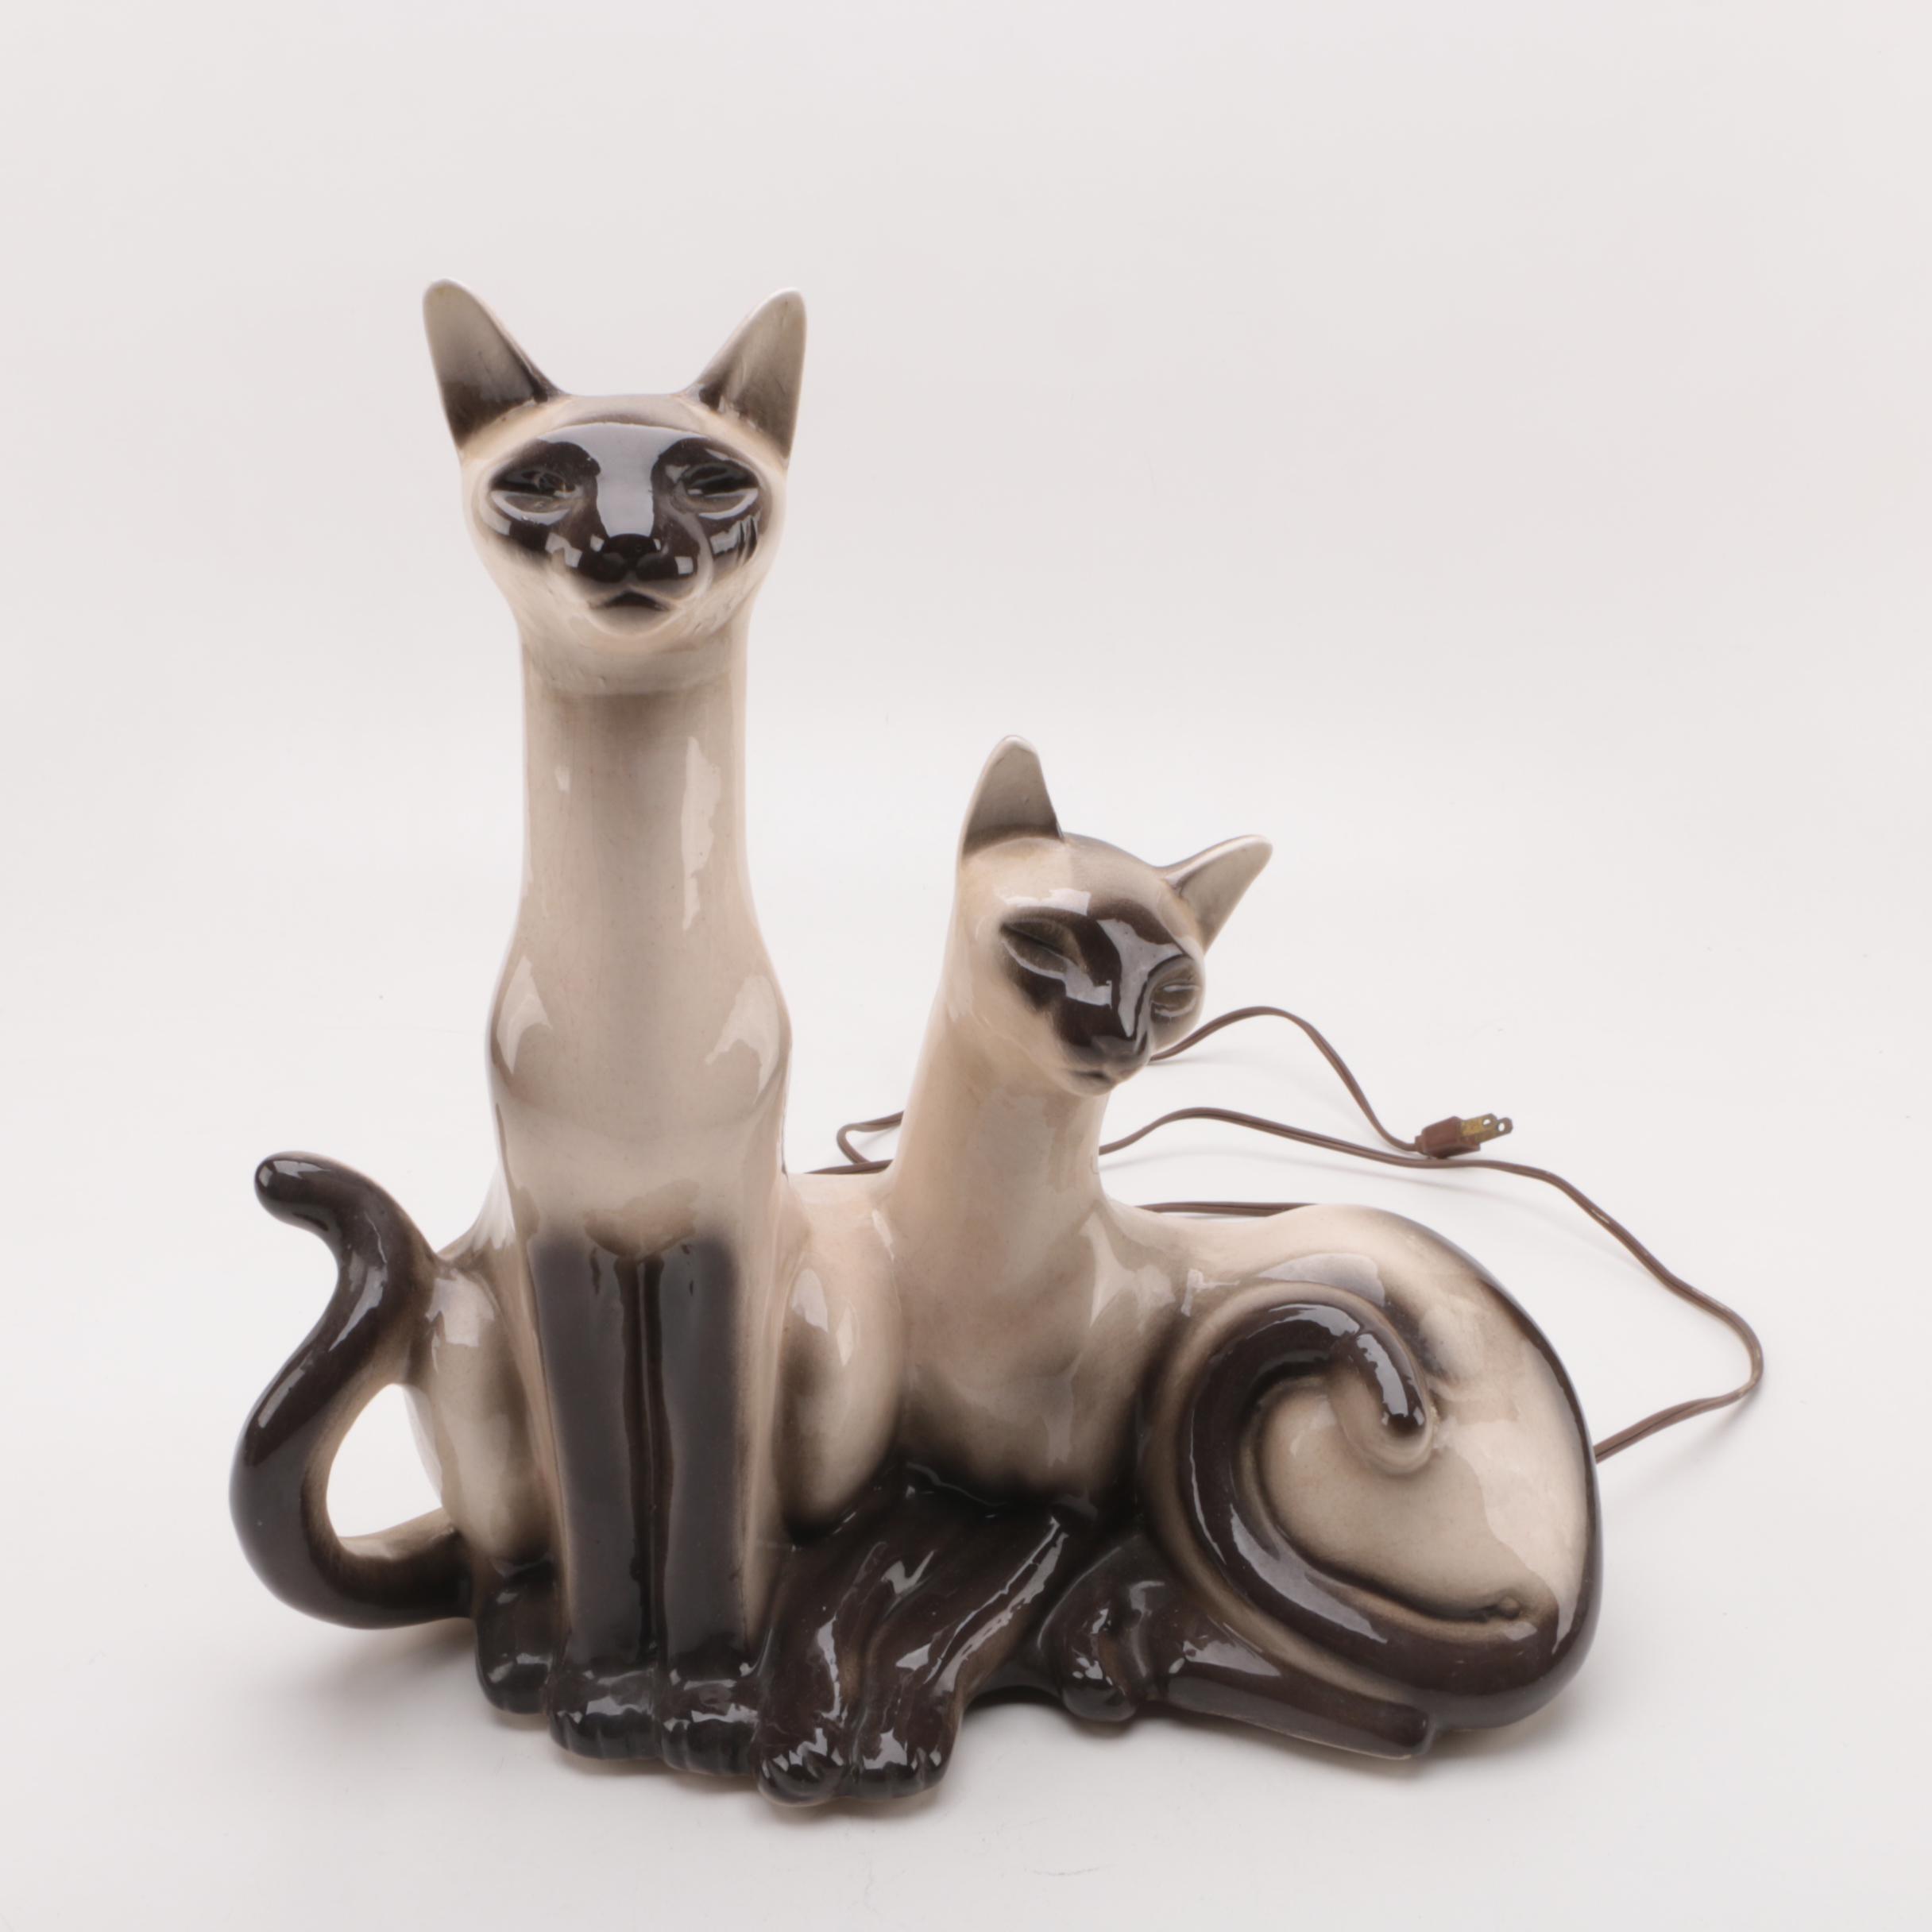 Vintage Ceramic TV Lamp of Siamese Cats